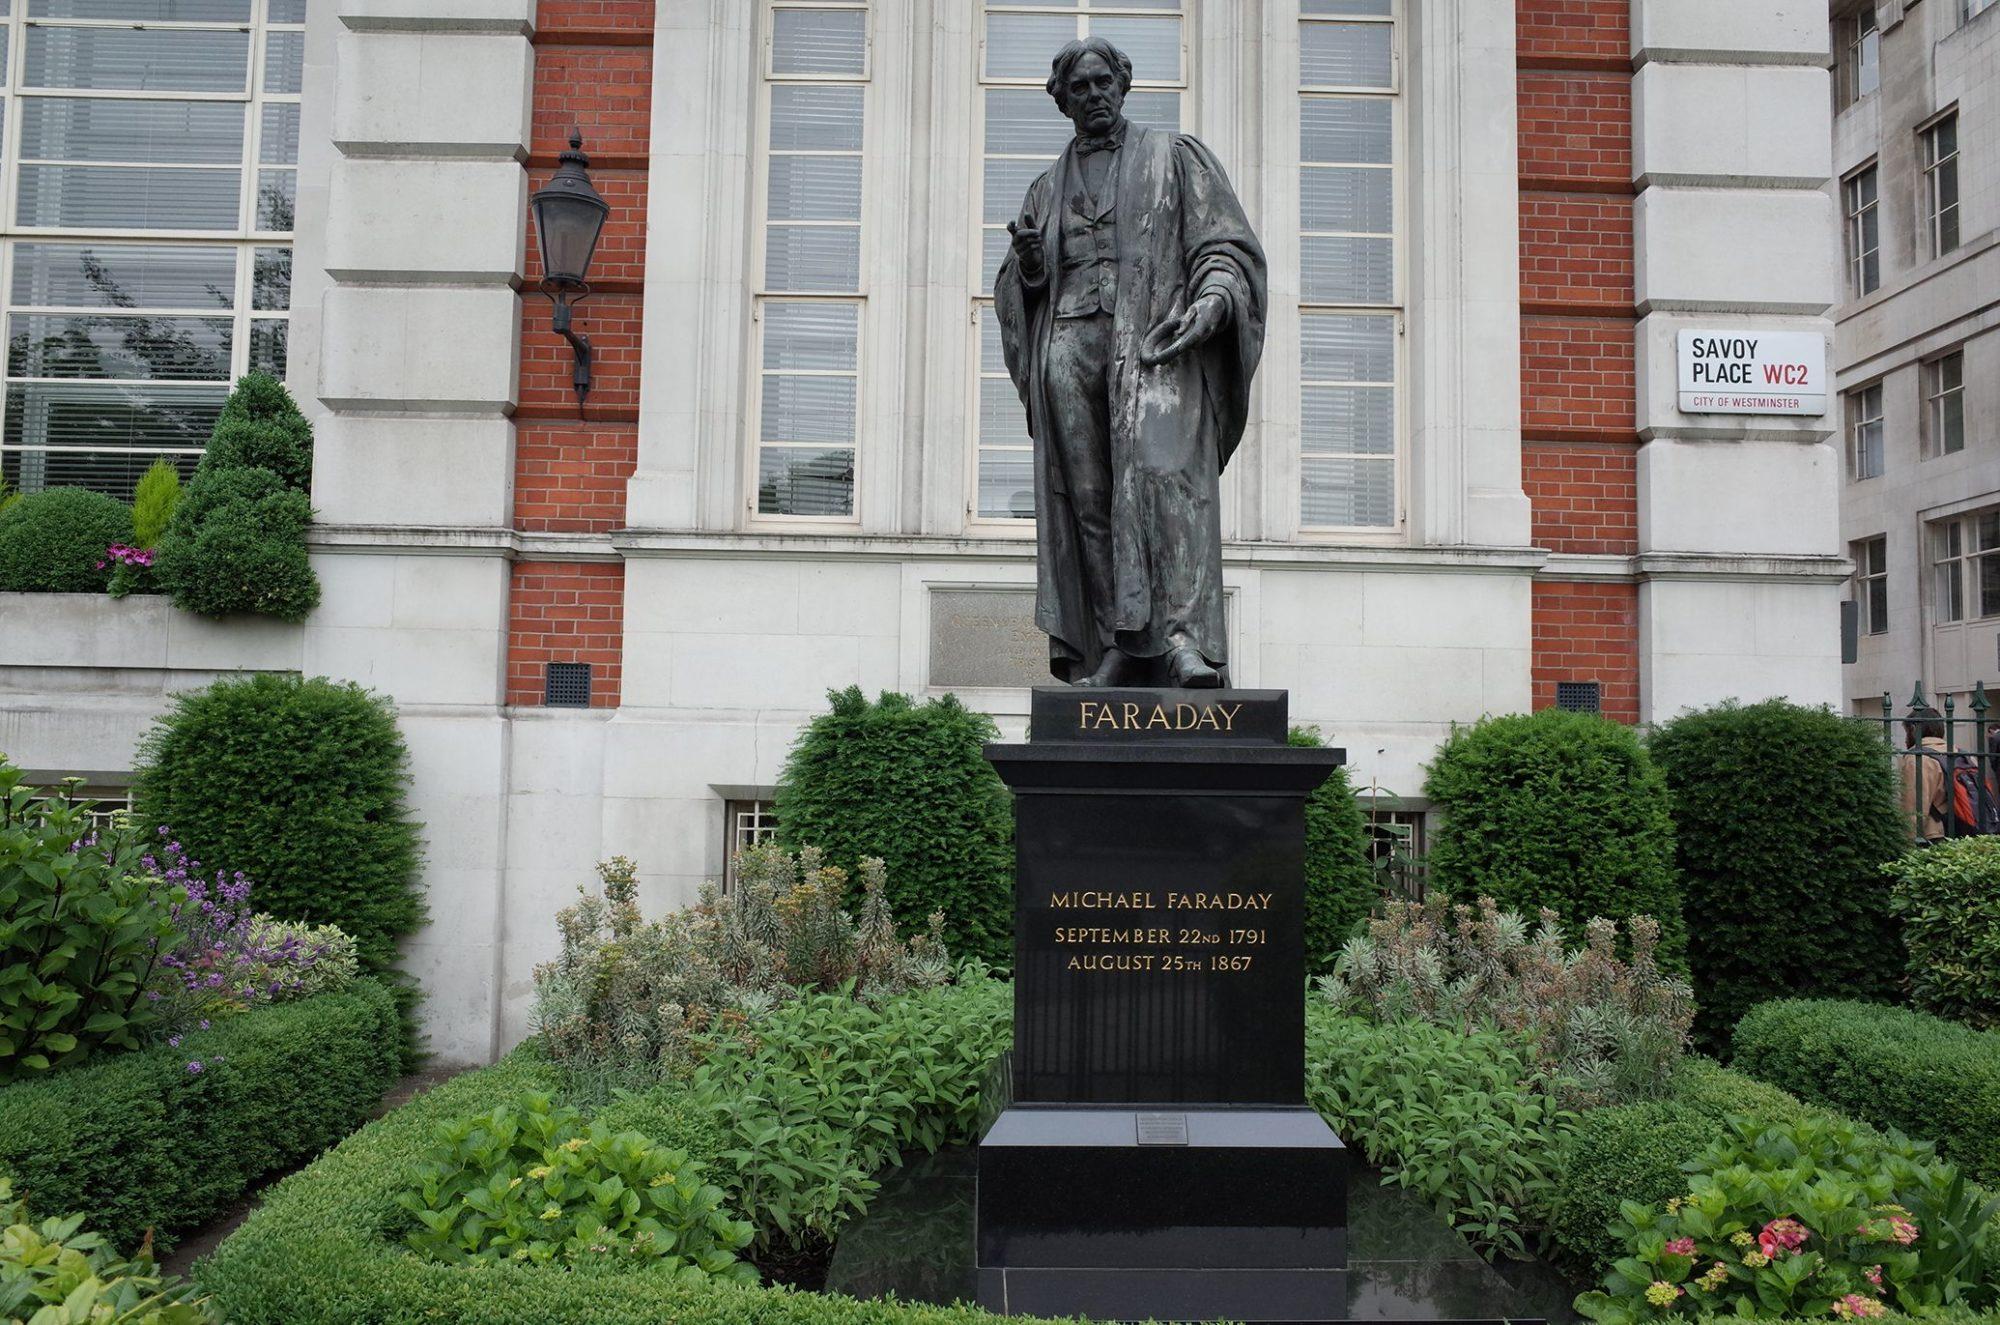 Памятник Майклу Фарадею